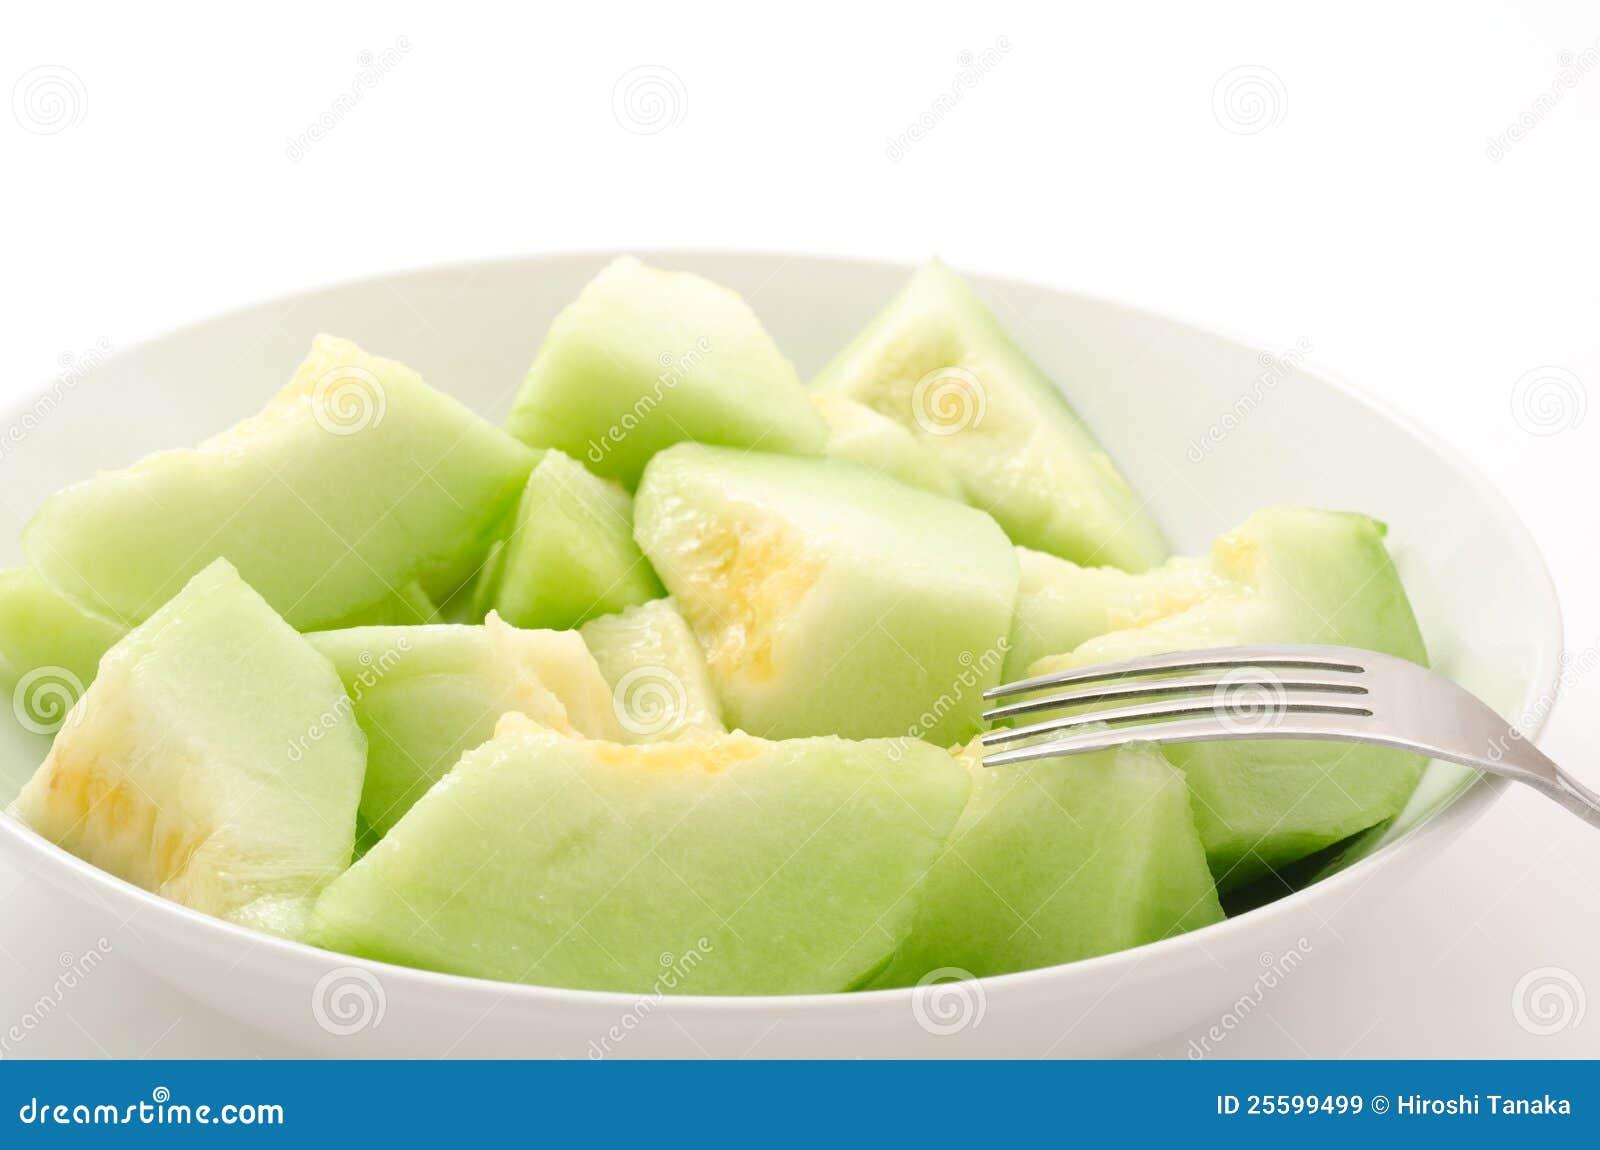 Melon classé par dégagement